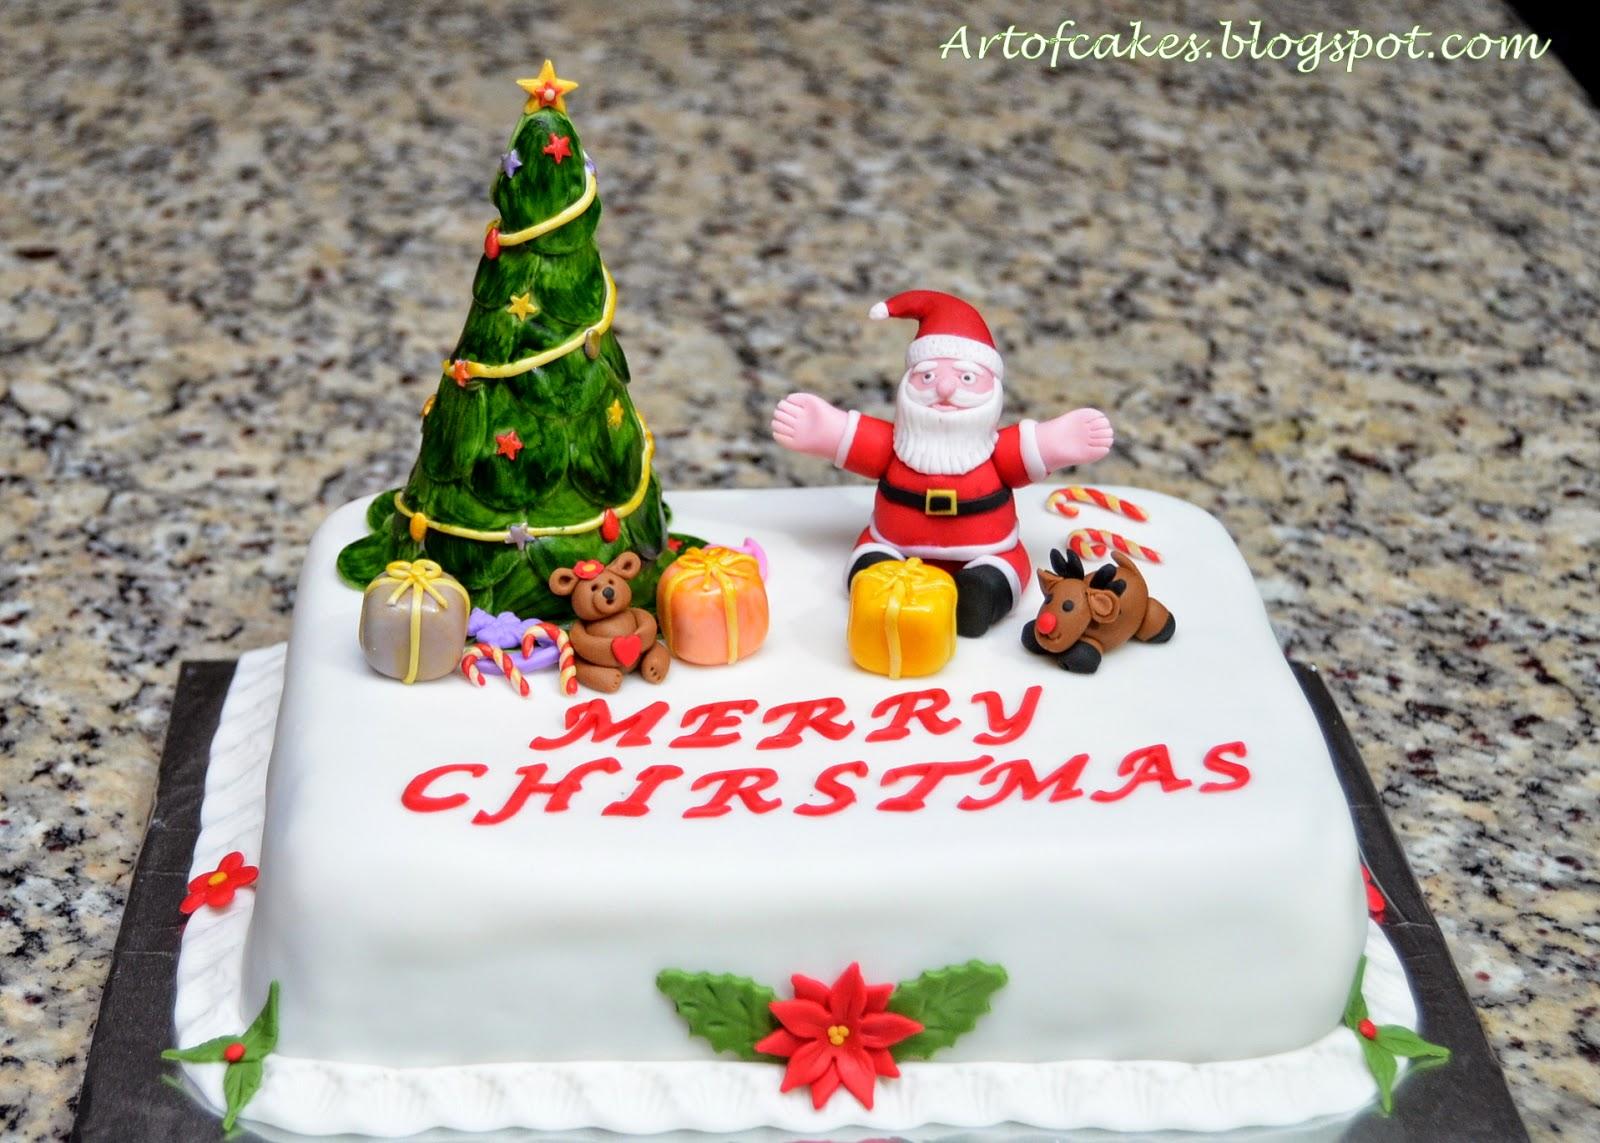 Fondant Christmas Cake with Santa & Christmas tree